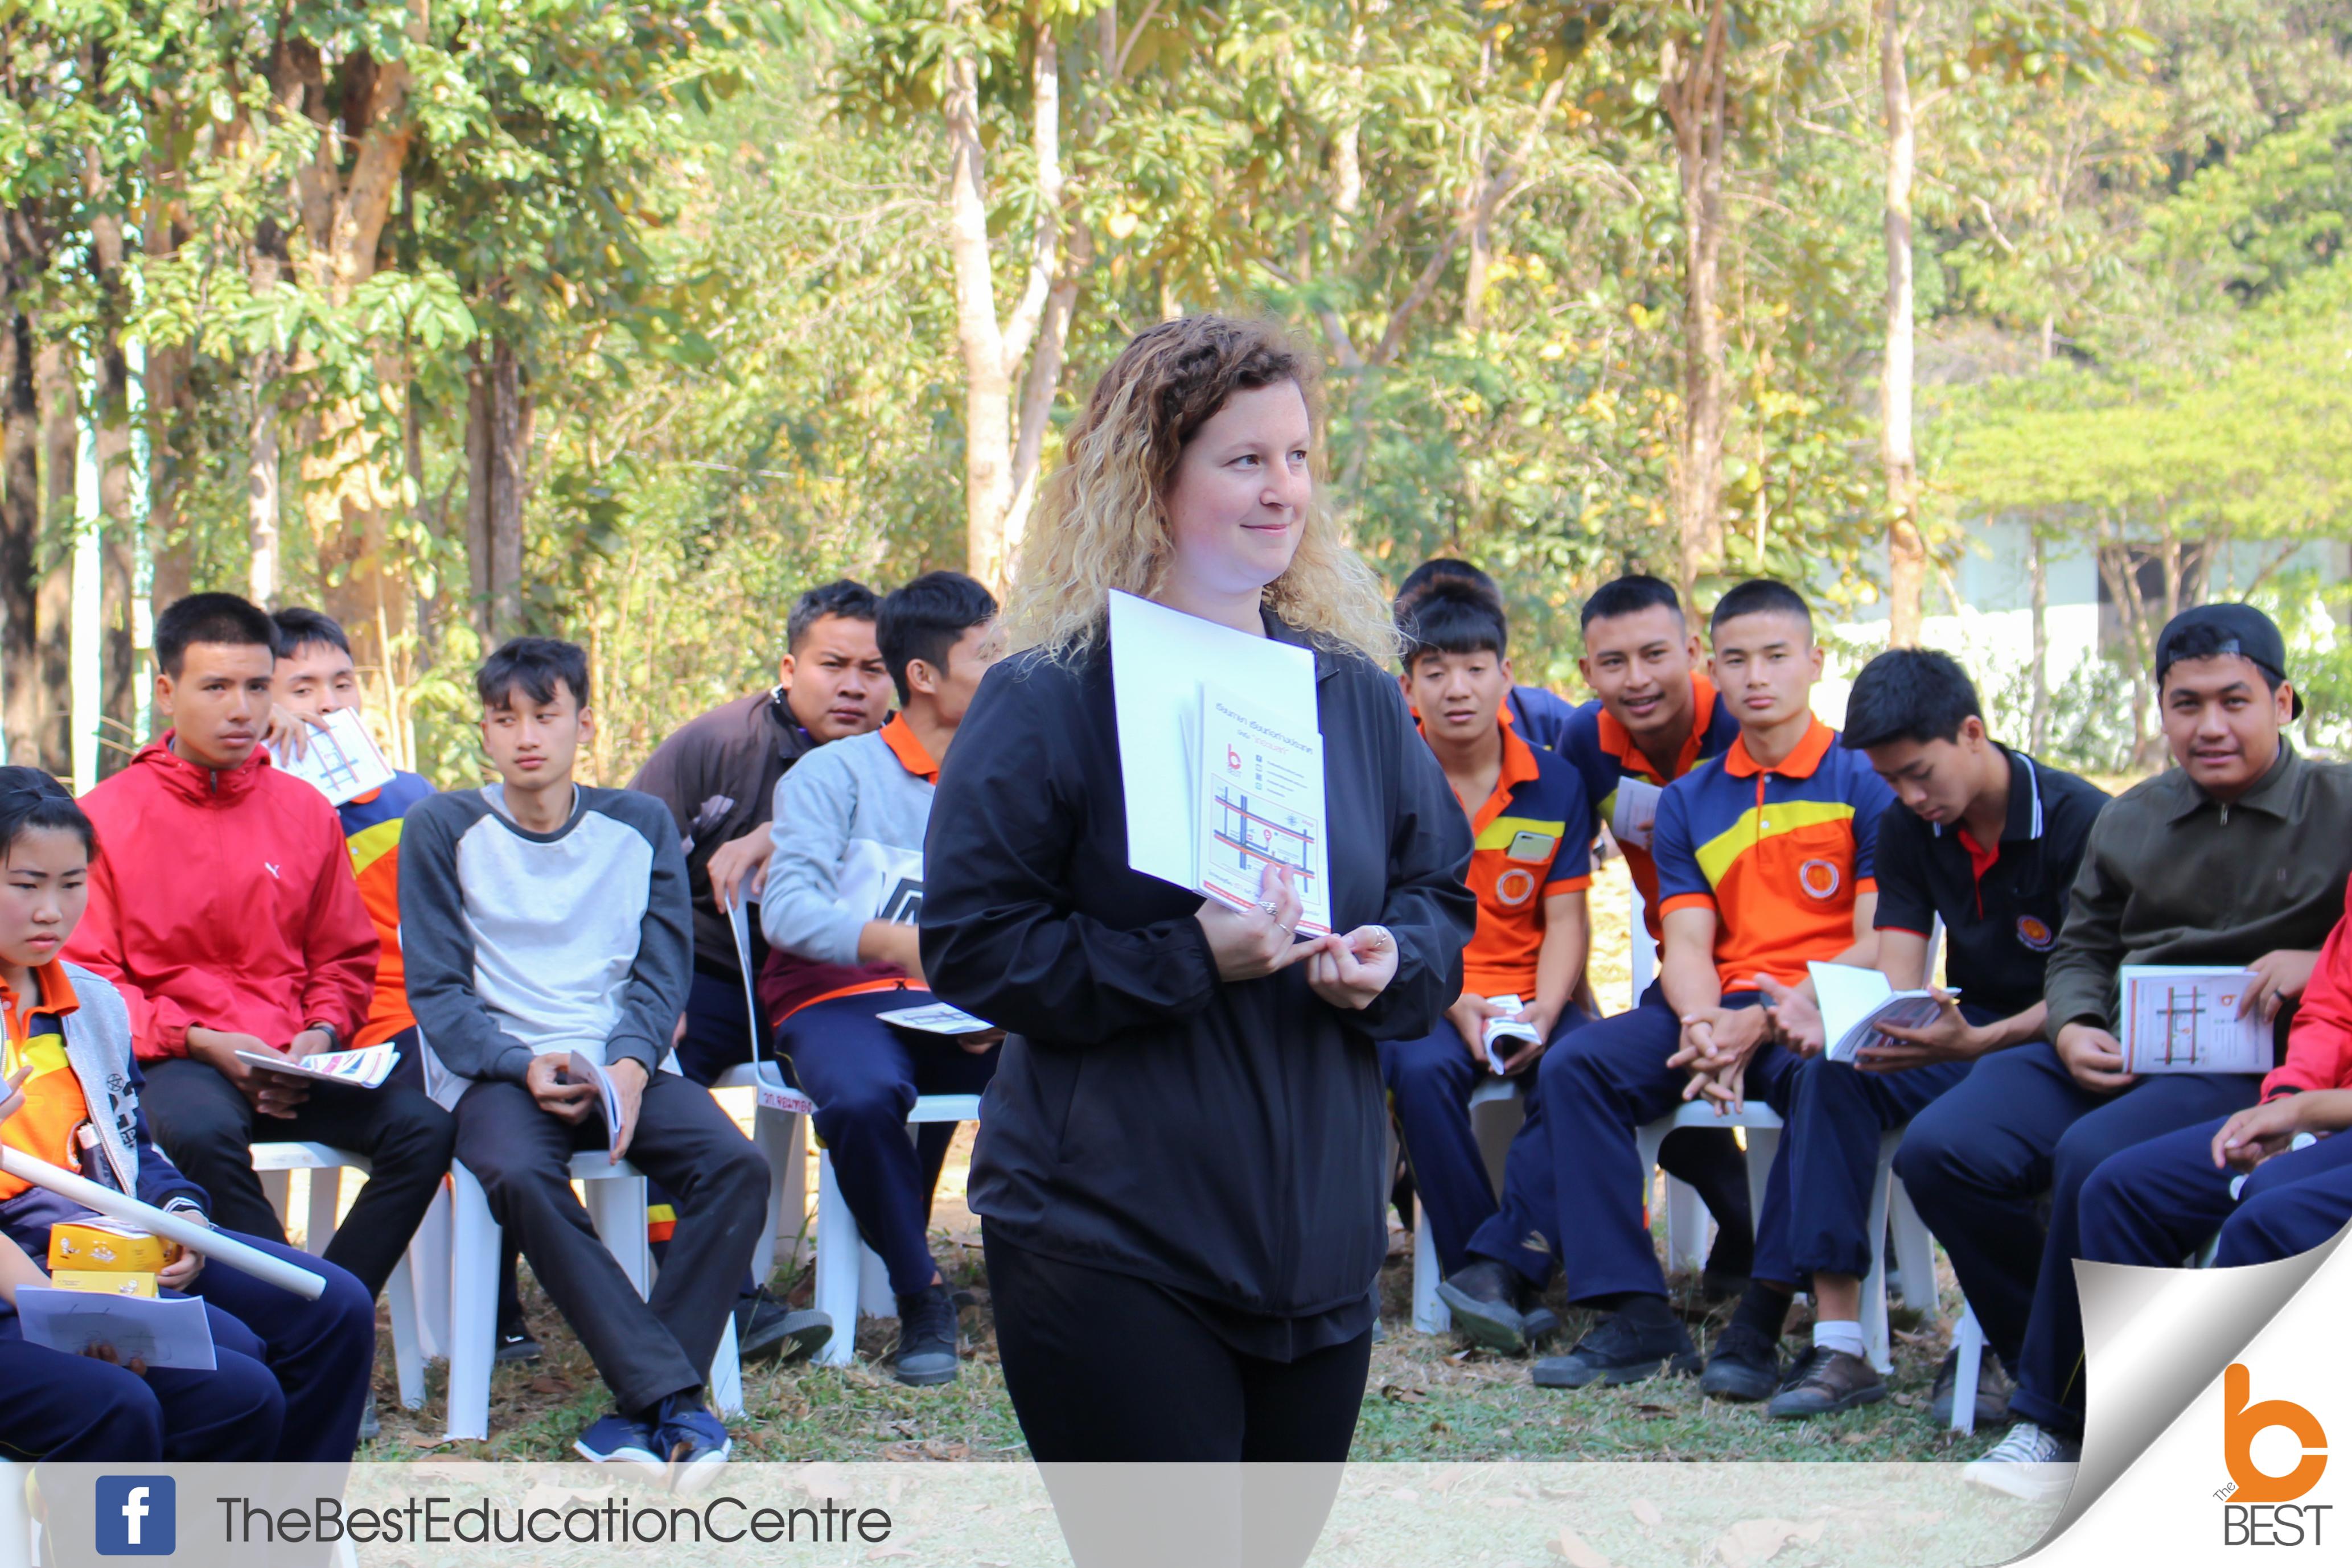 English Camp วิทยาลัยการอาชีพจอมทอง เรียนภาษา ค่ายภาษา บริการจัดค่ายภาษาอังกฤษ ค่ายพัฒนาบุคลิกภาพ สอนโดยครูฝรั่ง เรียนภาษาอังกฤษ ติวเข้มเข้ามหาลัย